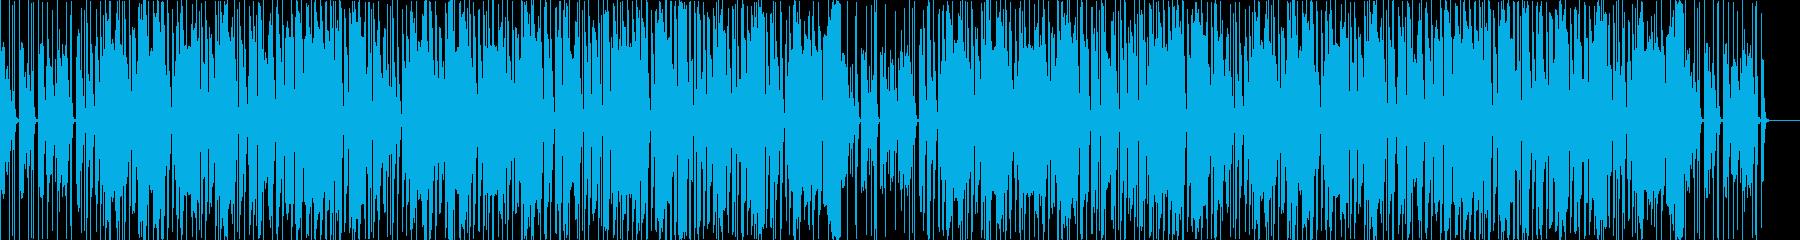 かわいいコロコロとした曲/動物・子供の再生済みの波形